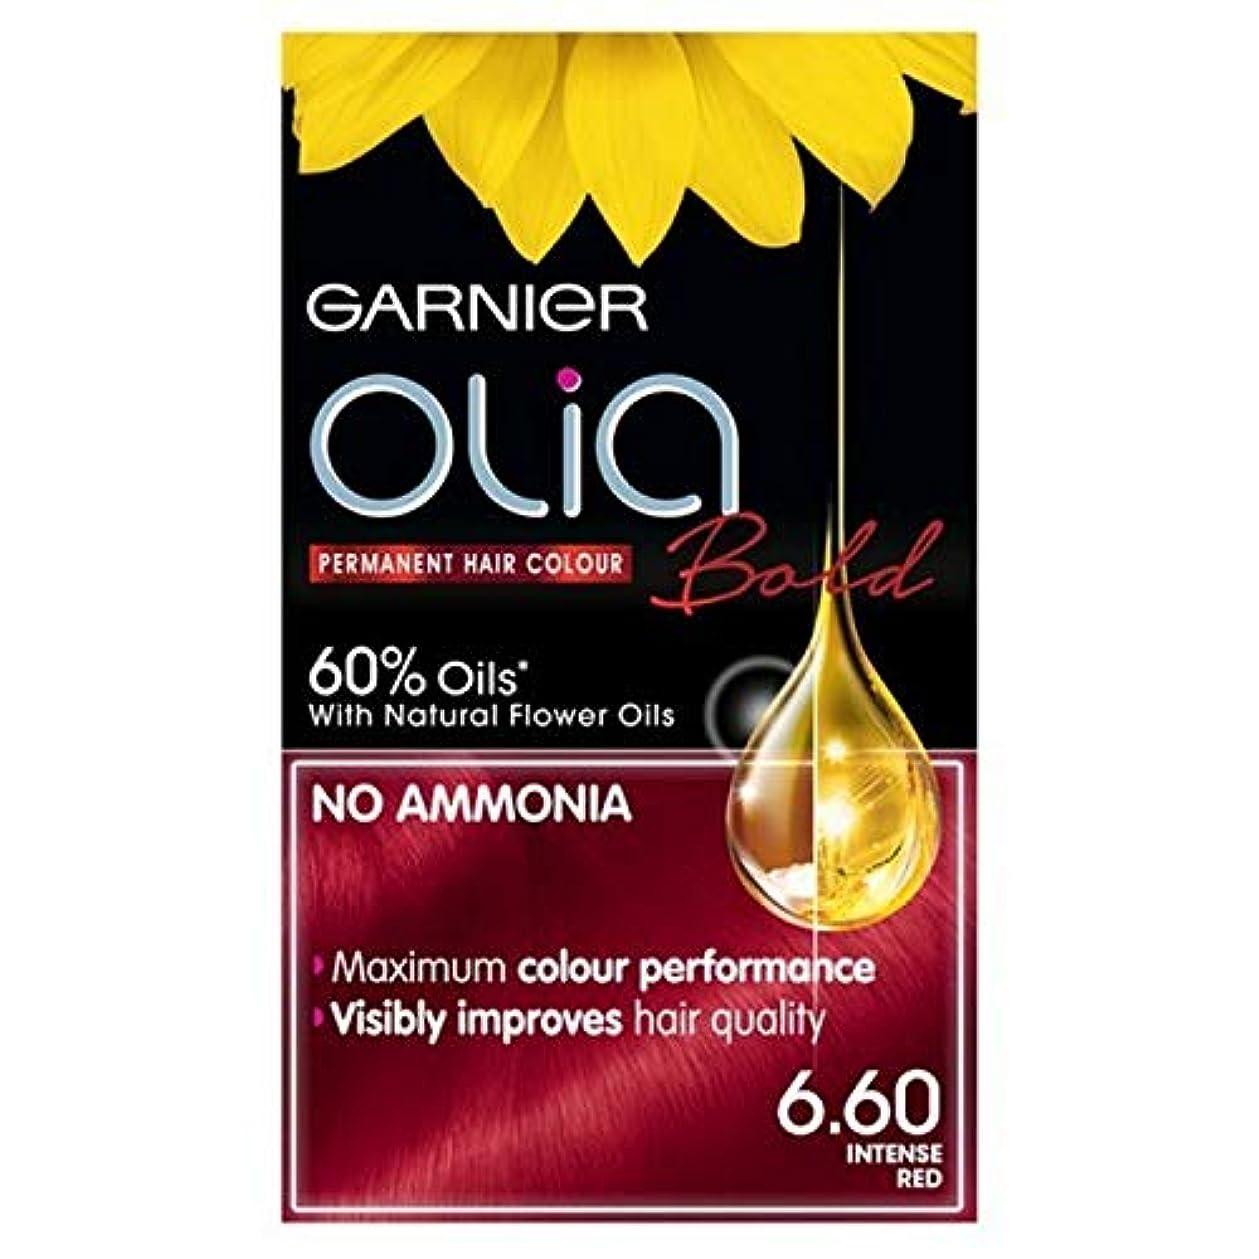 ソーシャルアスリートむしろ[Garnier ] ガルニエOlia大胆永久染毛剤強烈な赤6.60 - Garnier Olia Bold Permanent Hair Dye Intense Red 6.60 [並行輸入品]